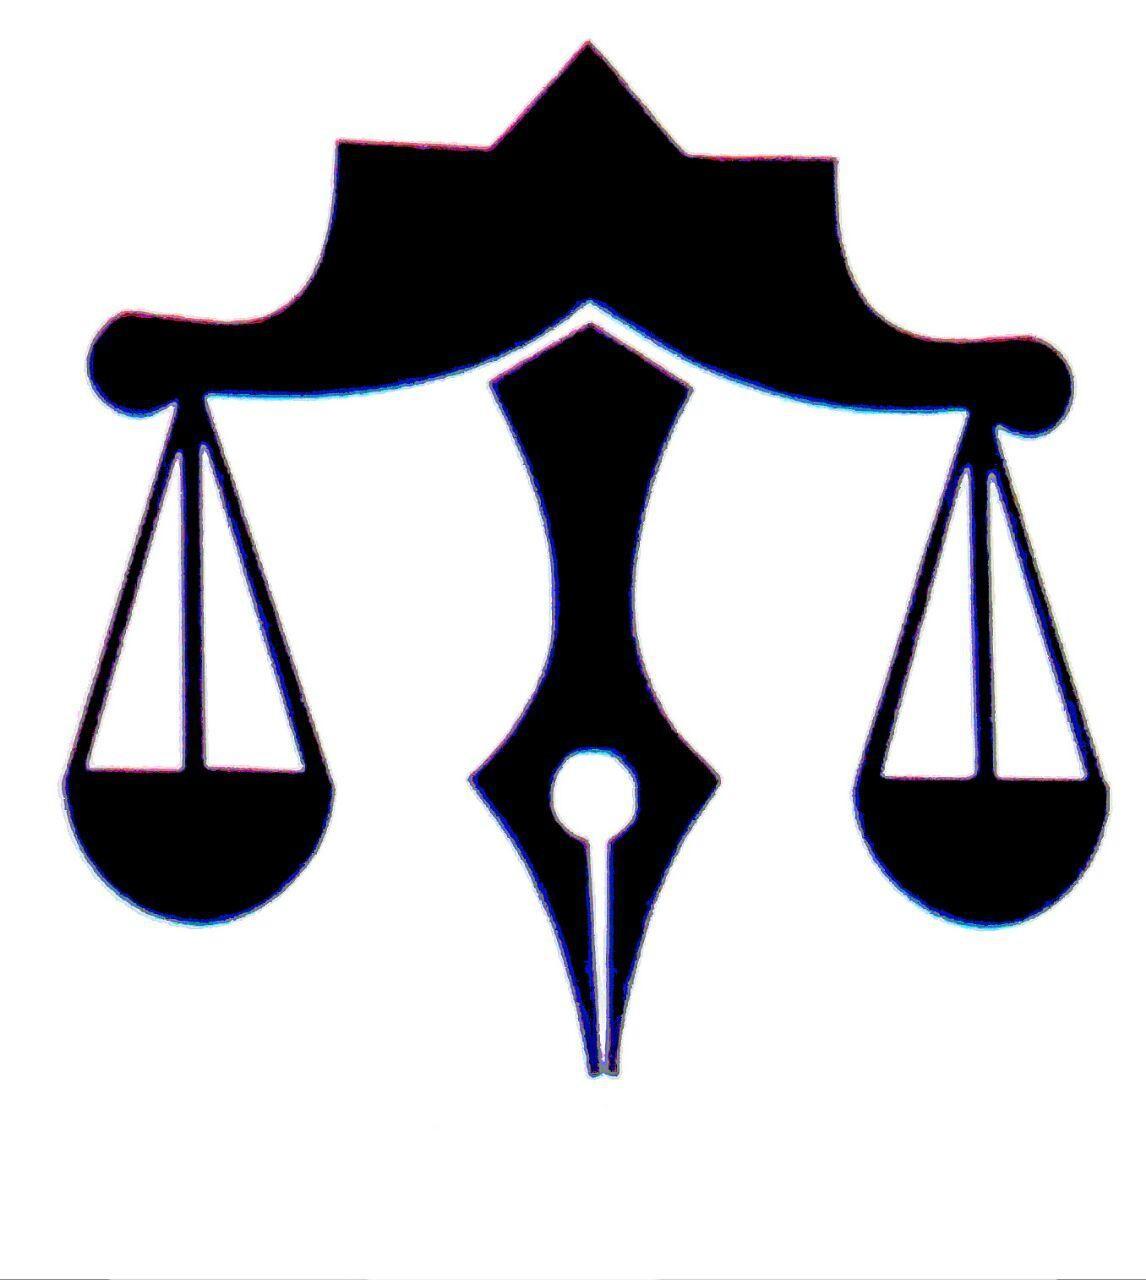 وکیل تضمینی خوب و مناسب چه ویژگی هایی دارد؟